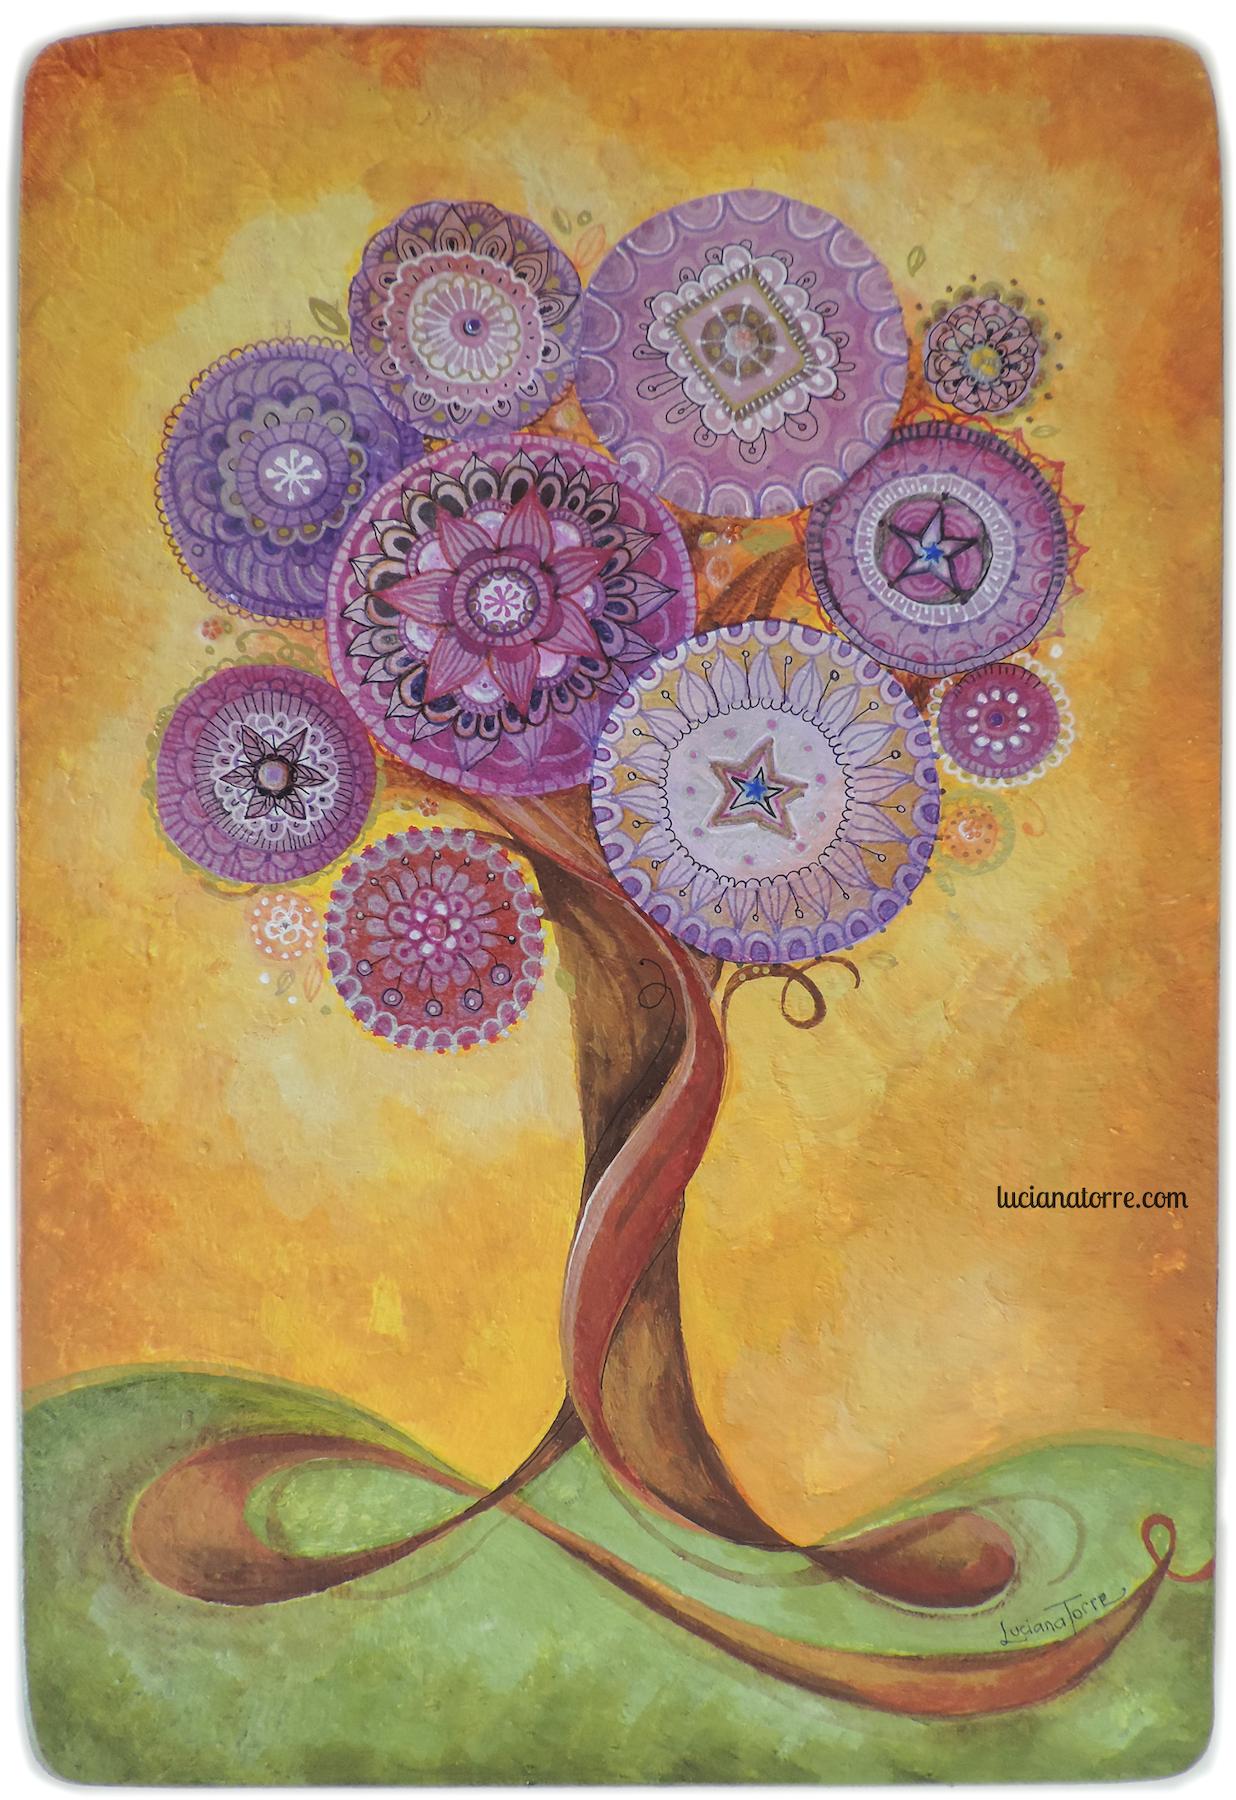 Arbol de la Vida con Mandalas de la artista Luciana Torre. Creación unica y original en acrilico sobre madera, también personalizable por encargo. Regalo de boda original, arte bohemien para el hogar, regalo especial y exclusivo. Mas creaciones en lucianatorre.com #lucianatorre #artlicensing #artforproducts #artprint #bohodecor #arboldelavida #regalodeboda #arboldelavidapintura #mandala #illustratorsforhire